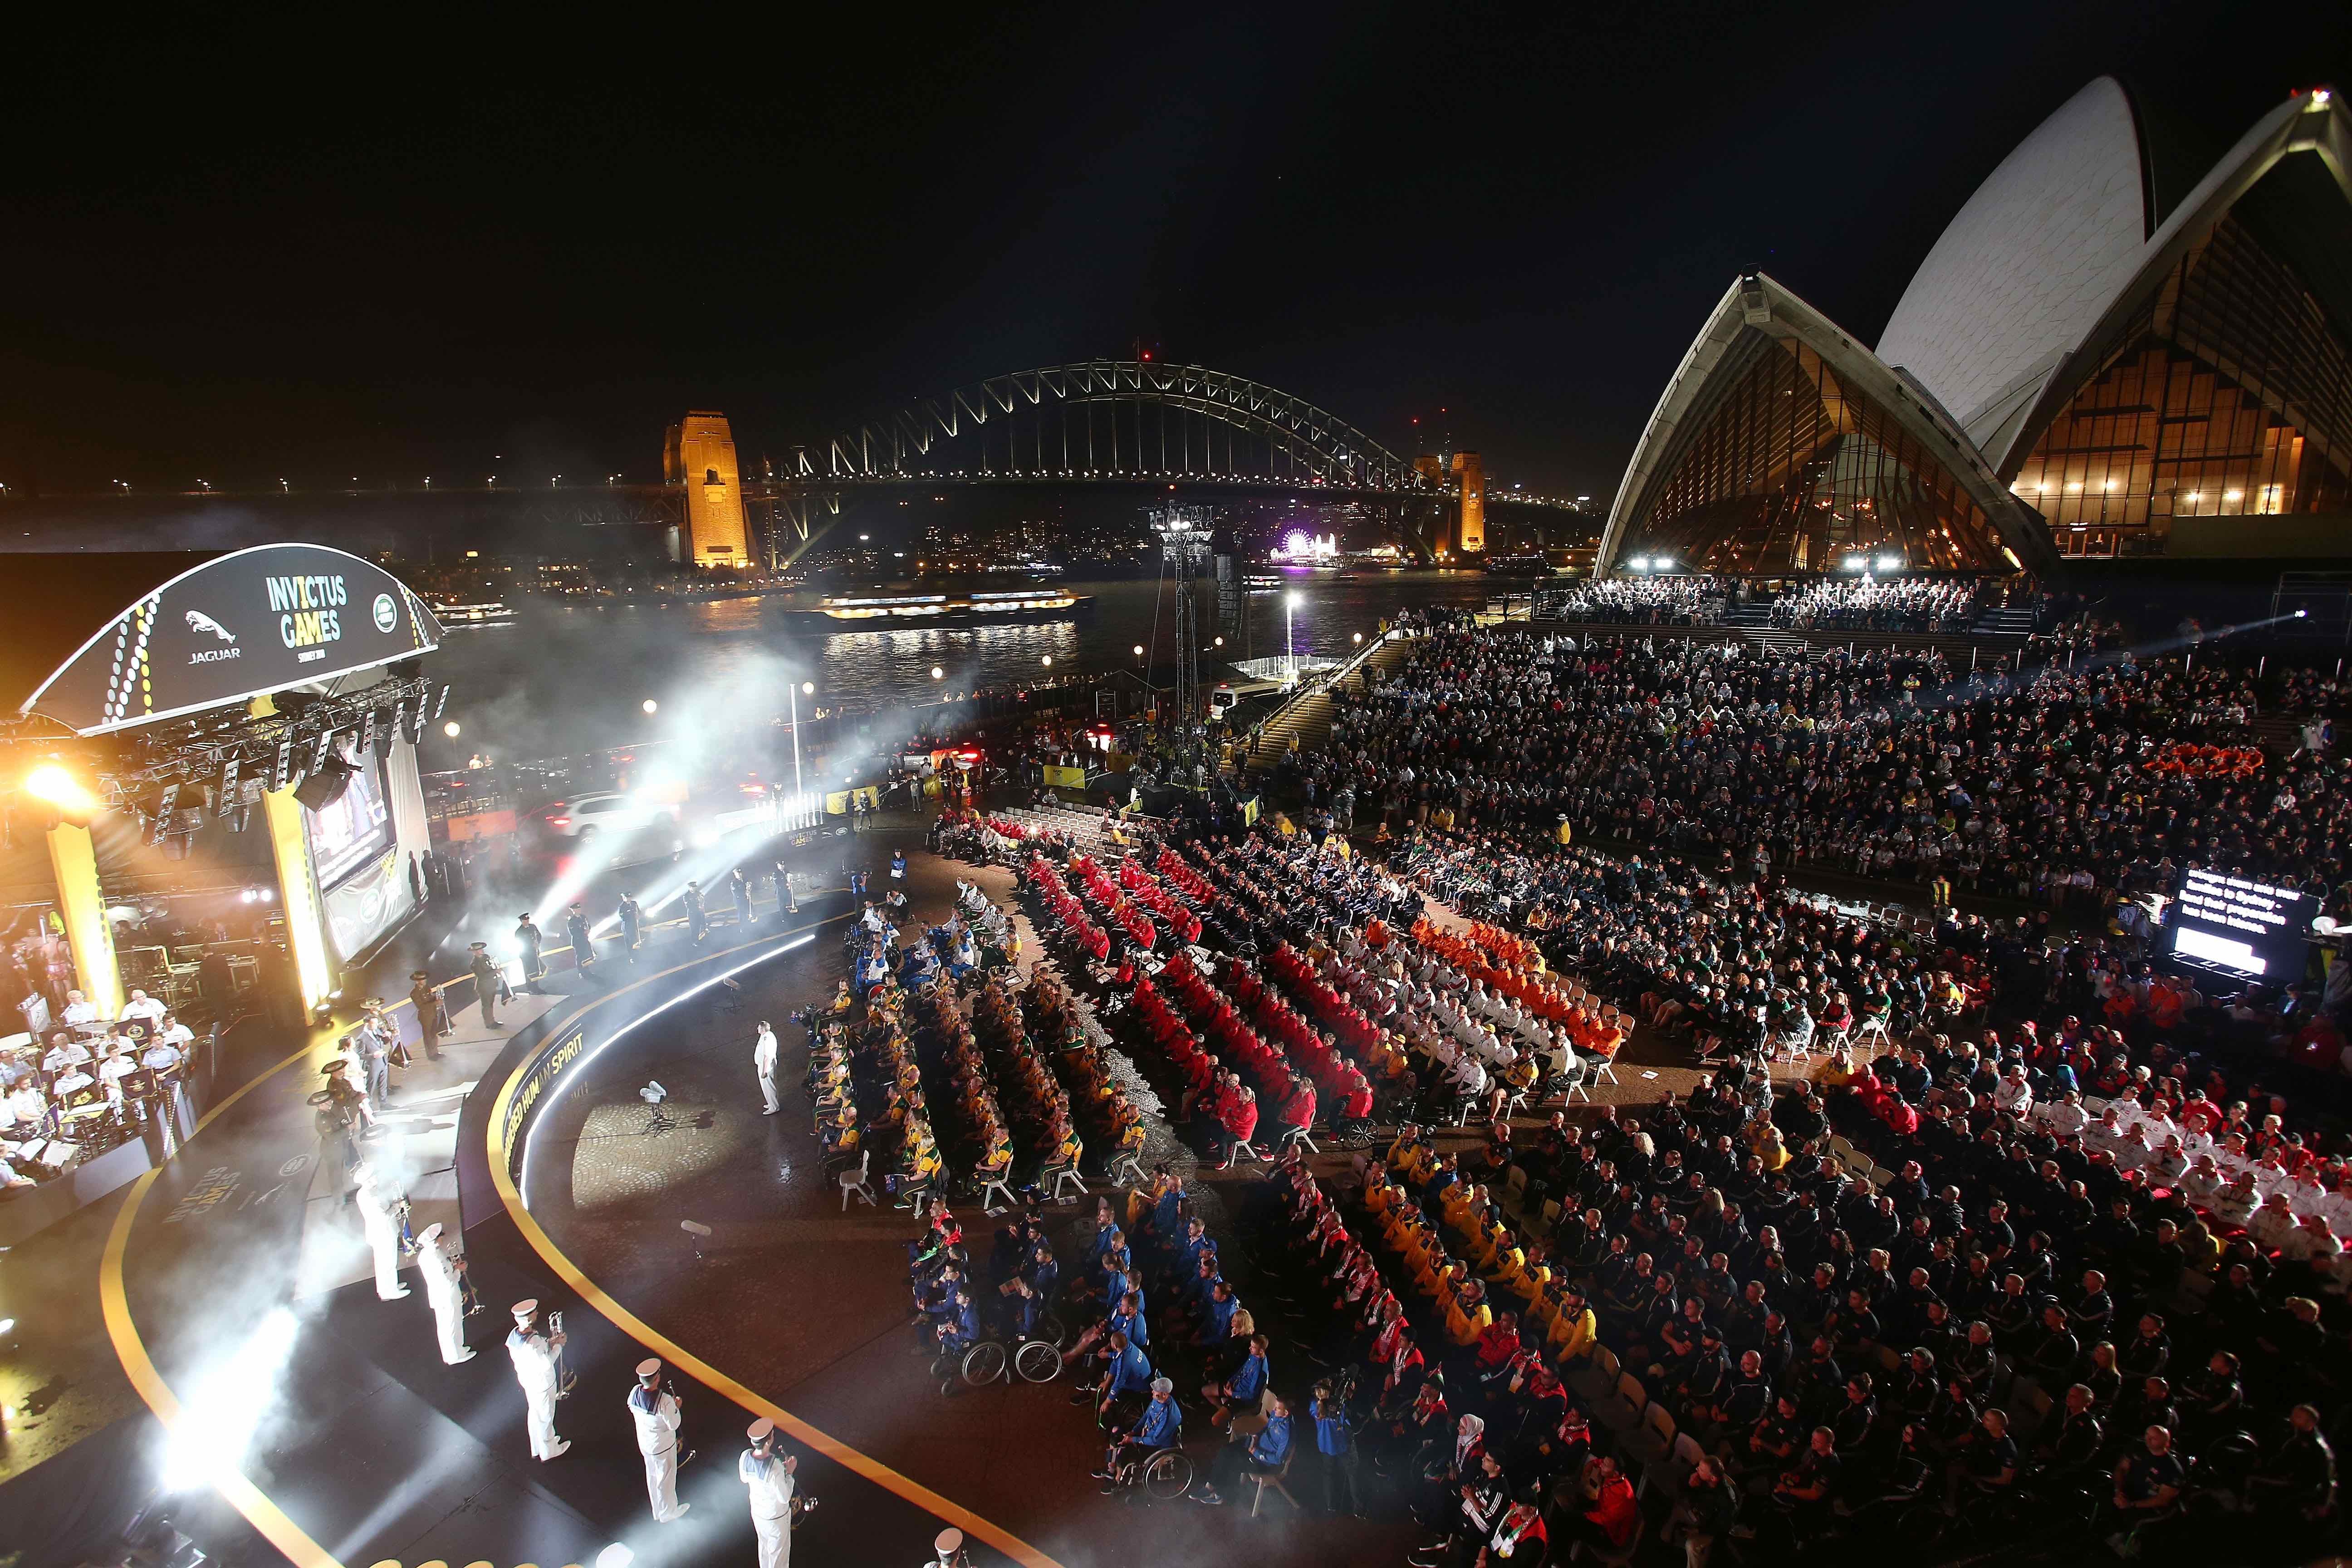 Invictus Games Sydney 2018 Opening ceremony